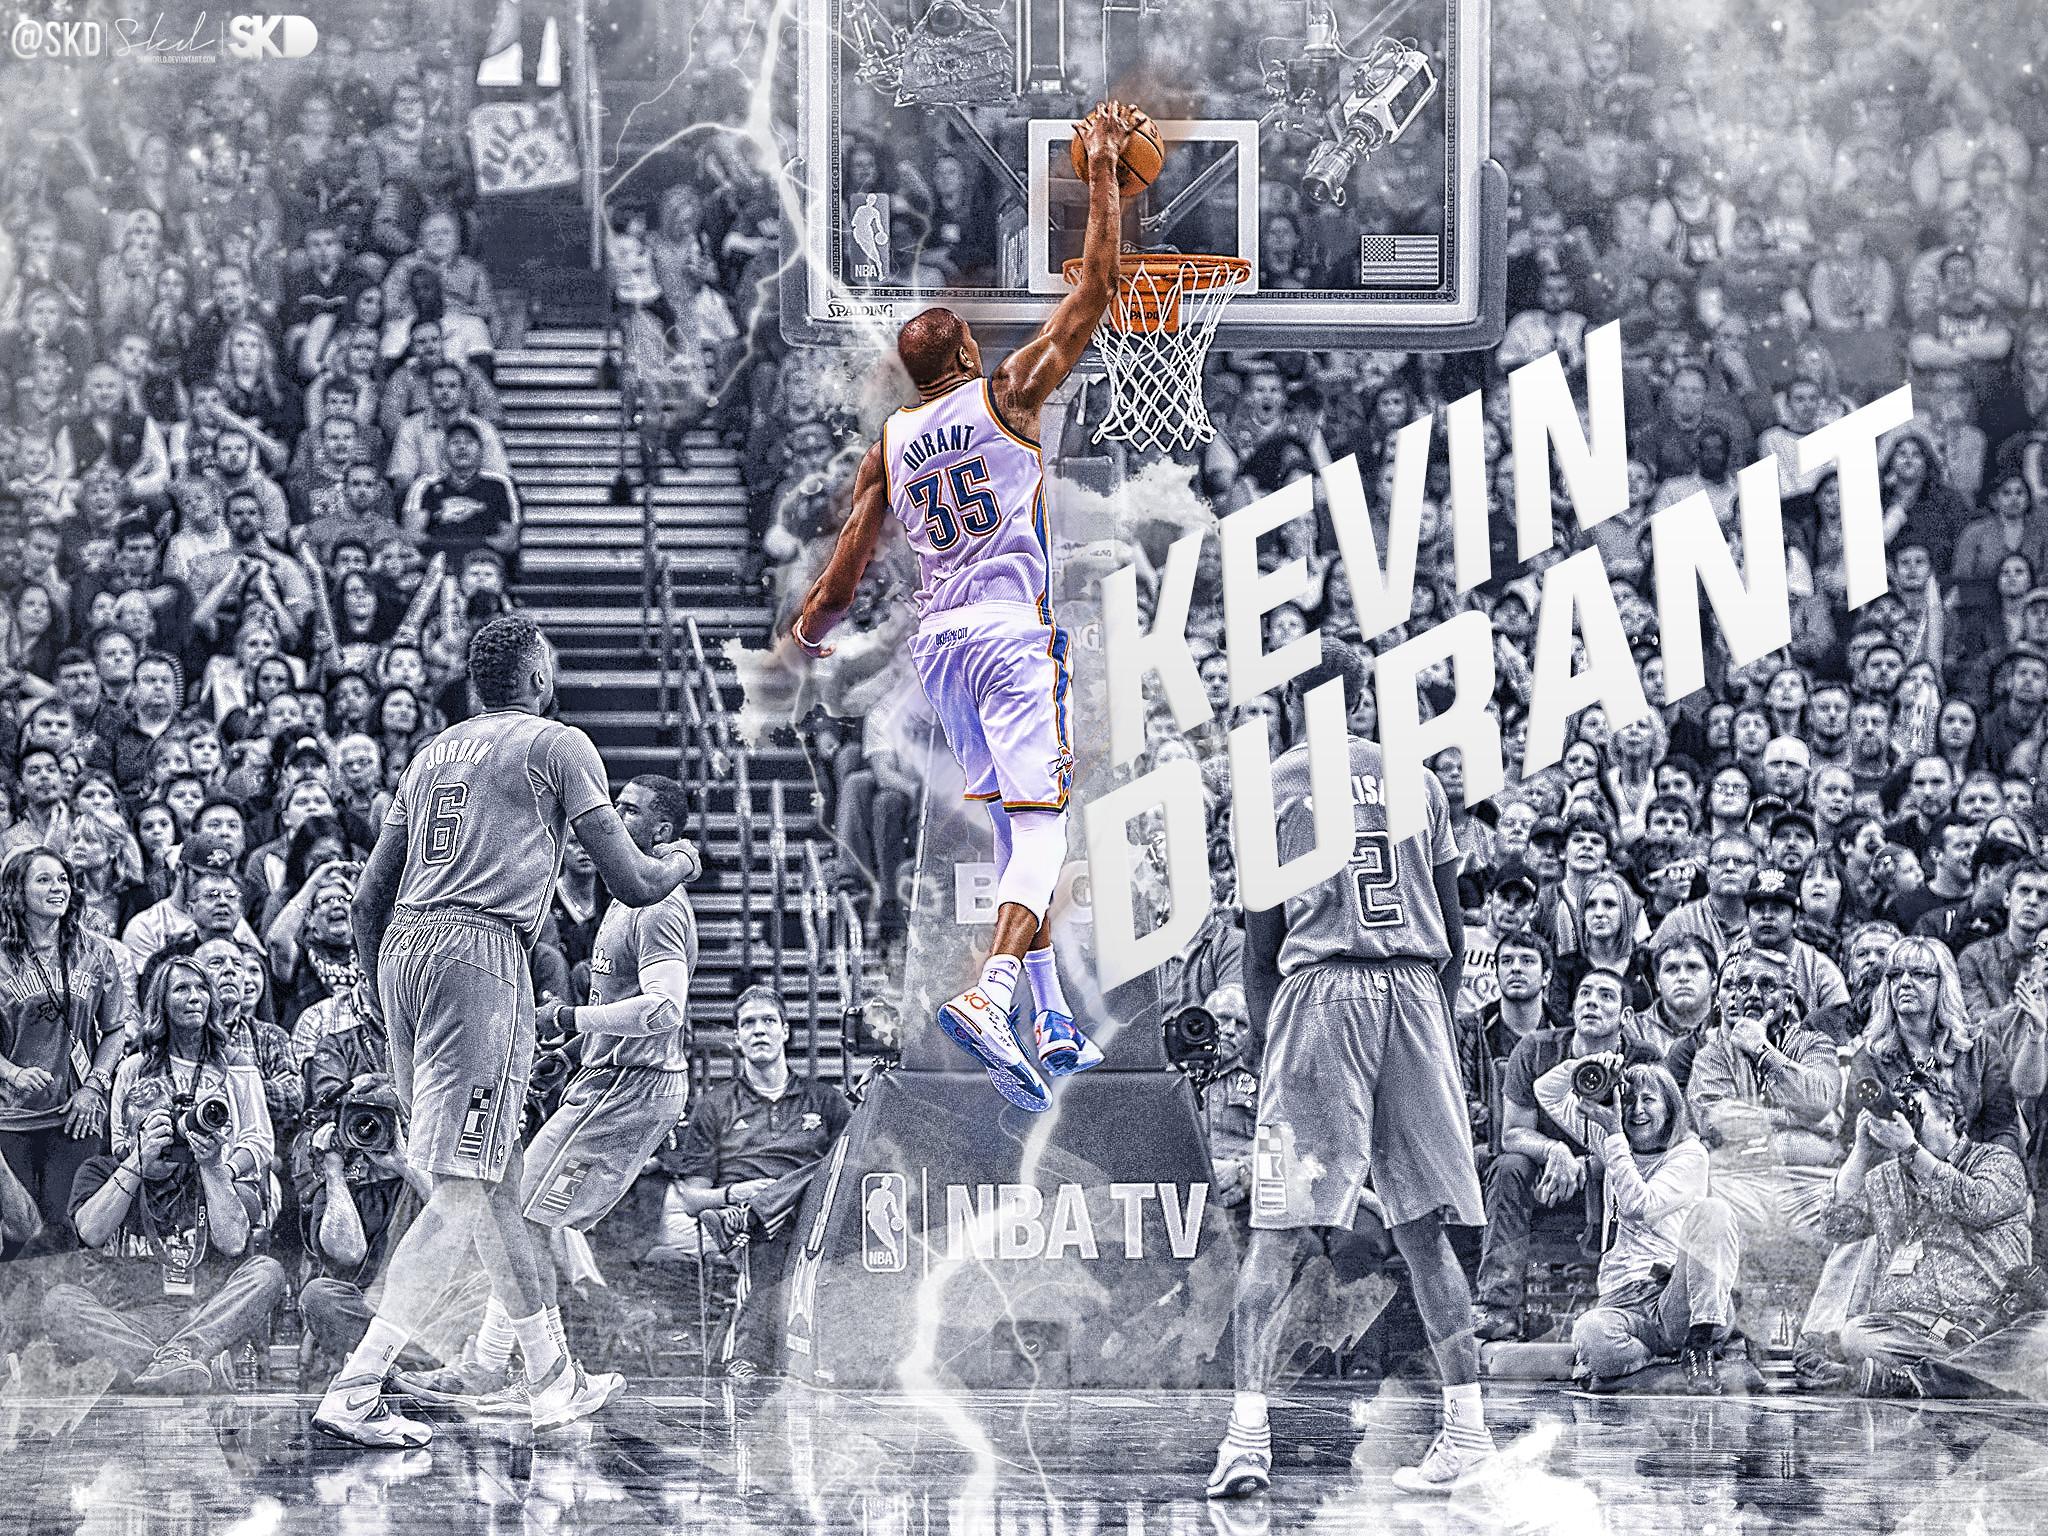 Kevin Durant Cold Dunk Wallpaper by SkdWorld on DeviantArt